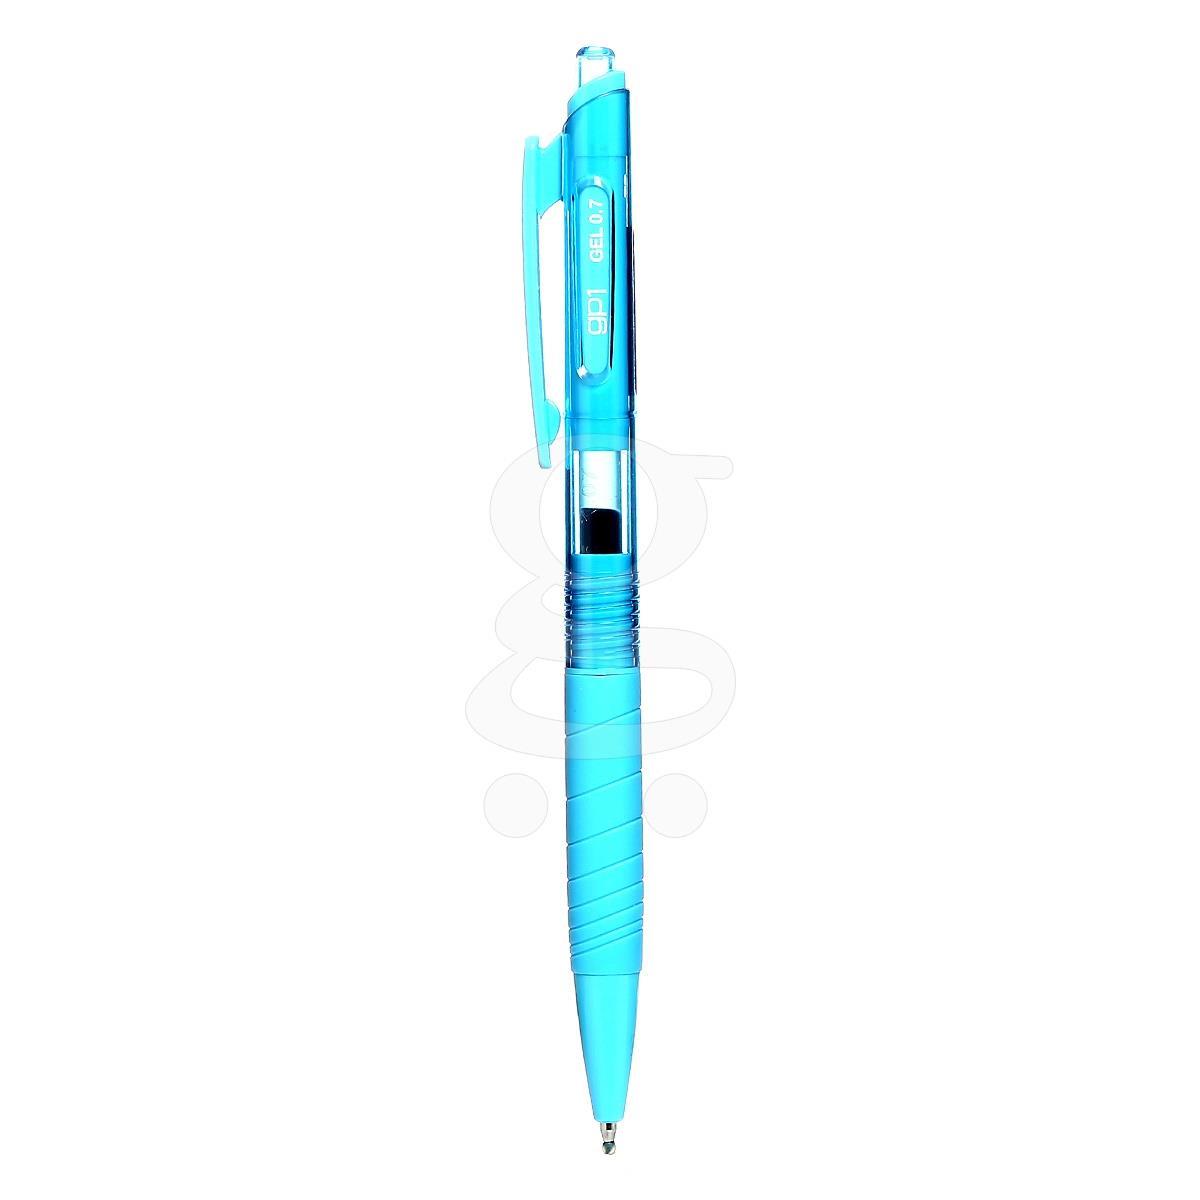 خودکارژلهای 12تاییآبیآسمانی 0.5 SKY BLUE(کرند)